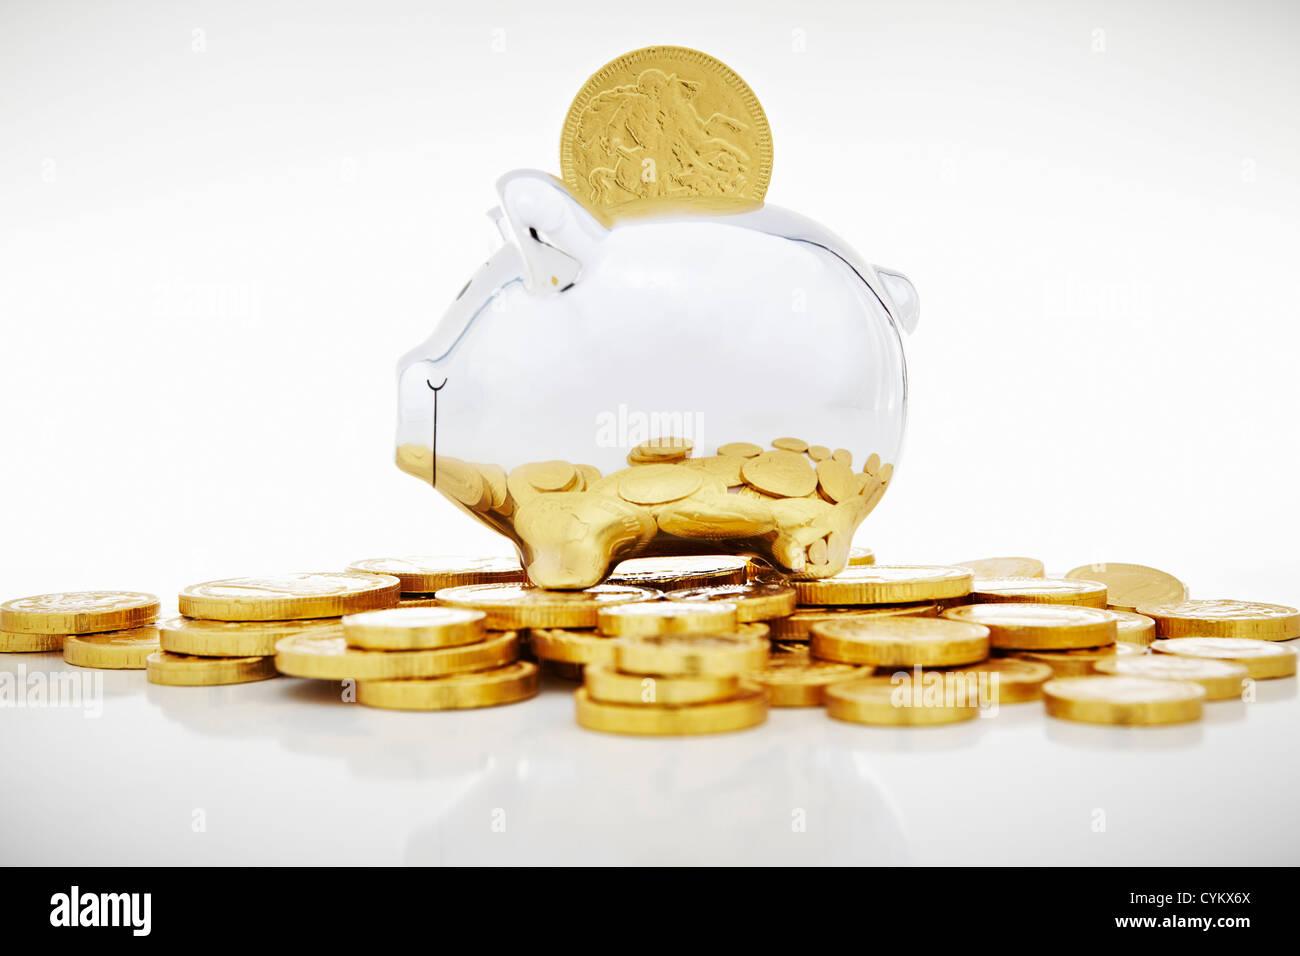 Pile de pièces d'or par piggy bank Photo Stock